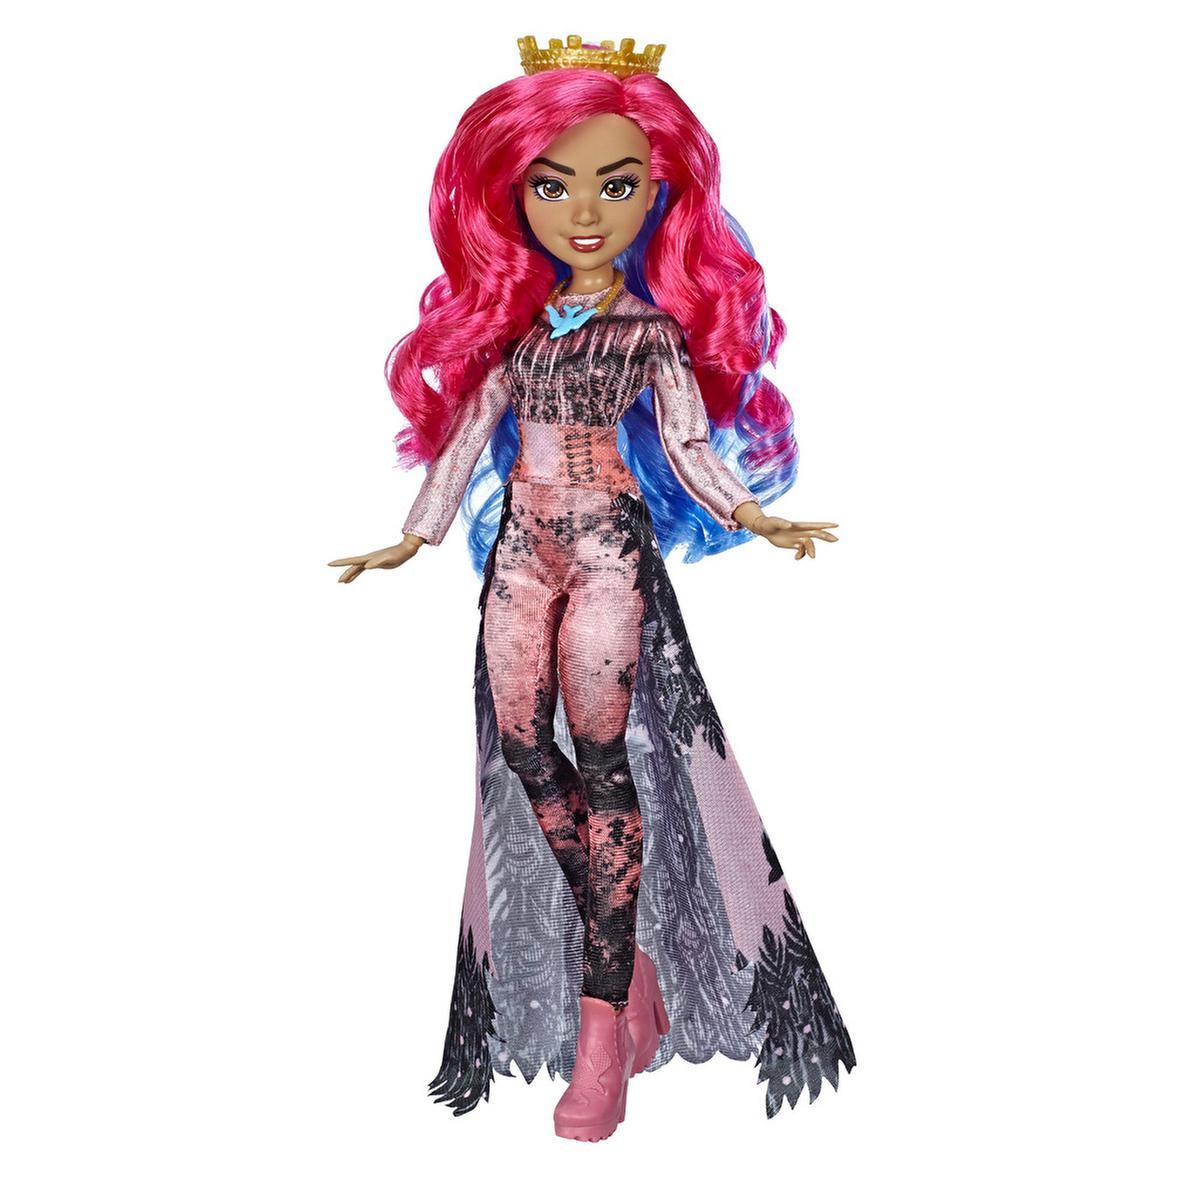 Boneca Barbie Colecionável Disney Pixar Toy Story 4